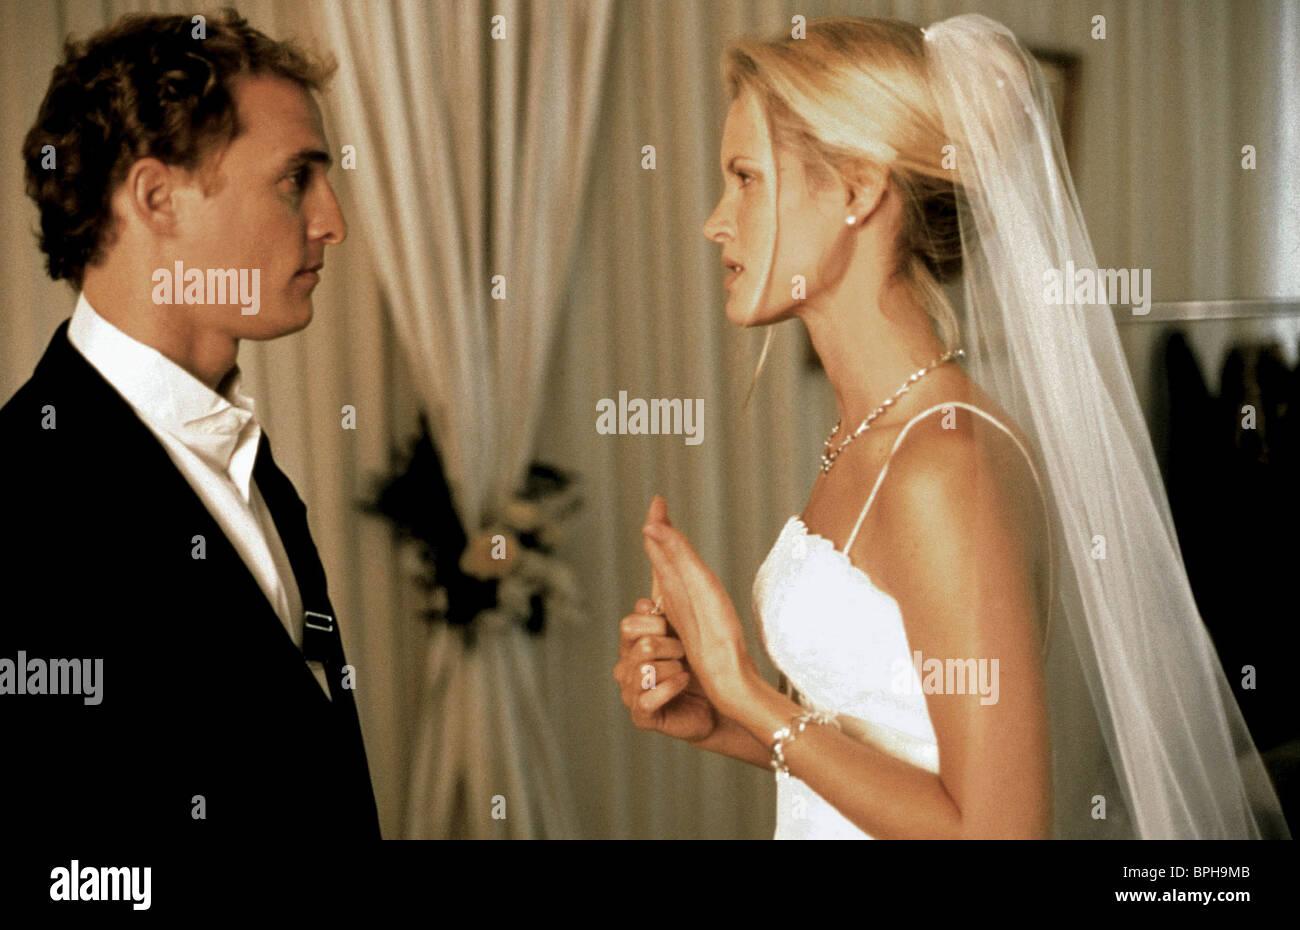 MATTHEW MCCONAUGHEY BRIDGETTE WILSON SAMPRAS THE WEDDING PLANNER 2001